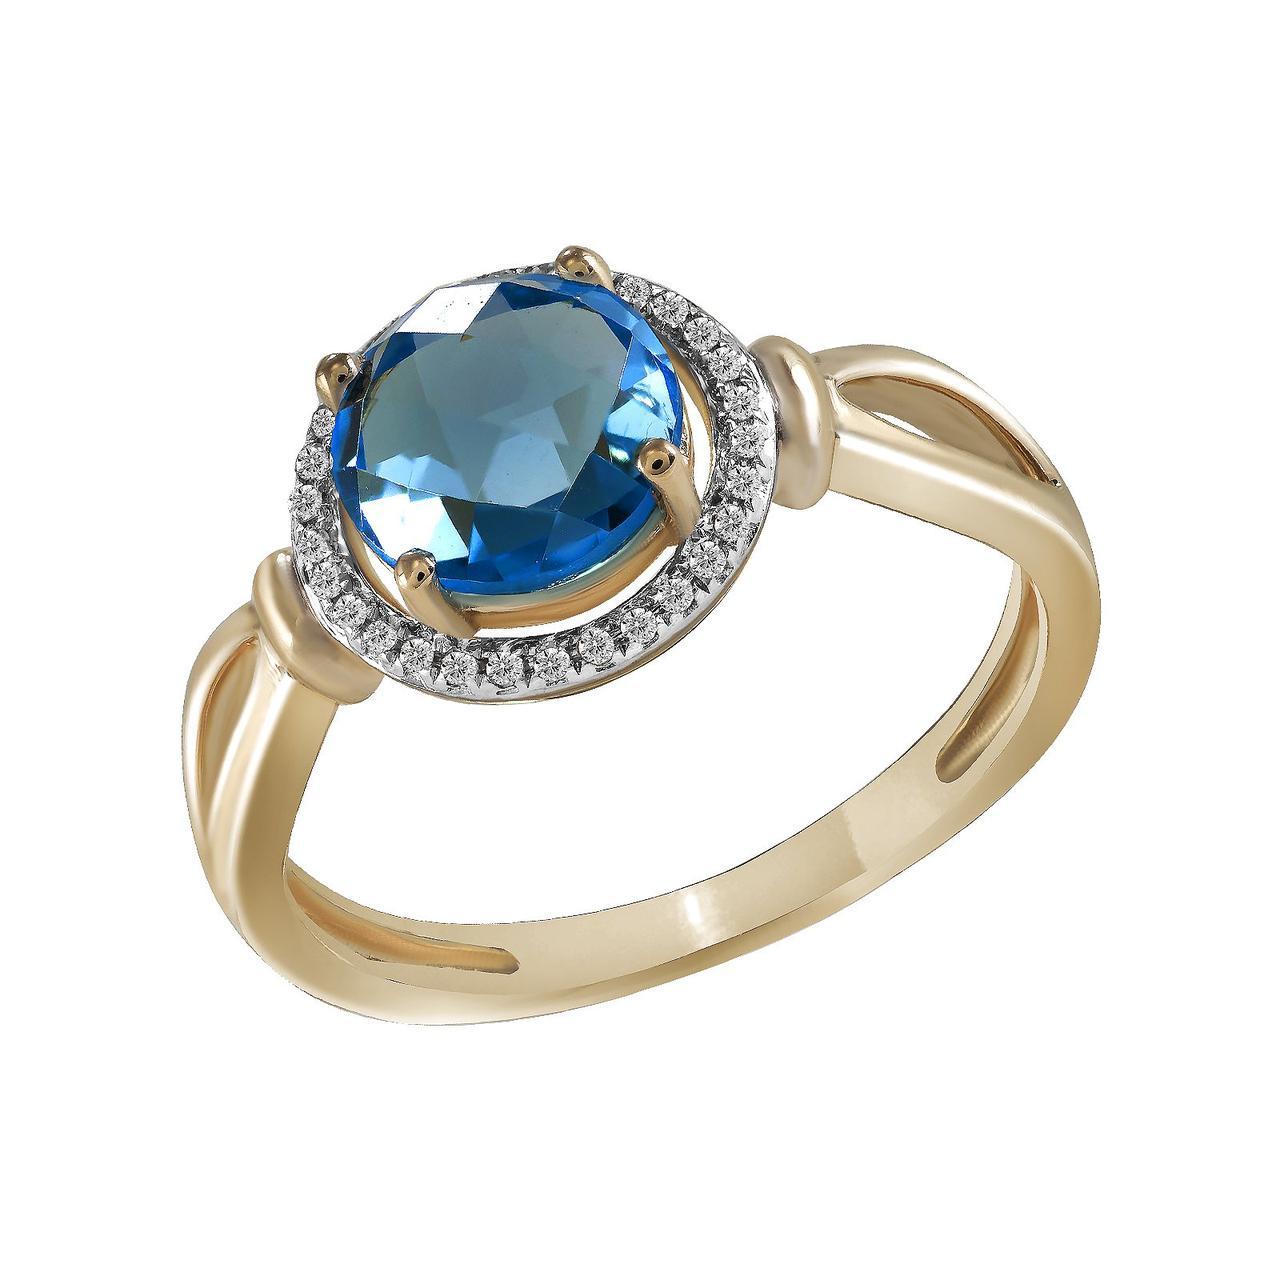 Золотое кольцо с бриллиантами и топазом, размер 17 (827023)